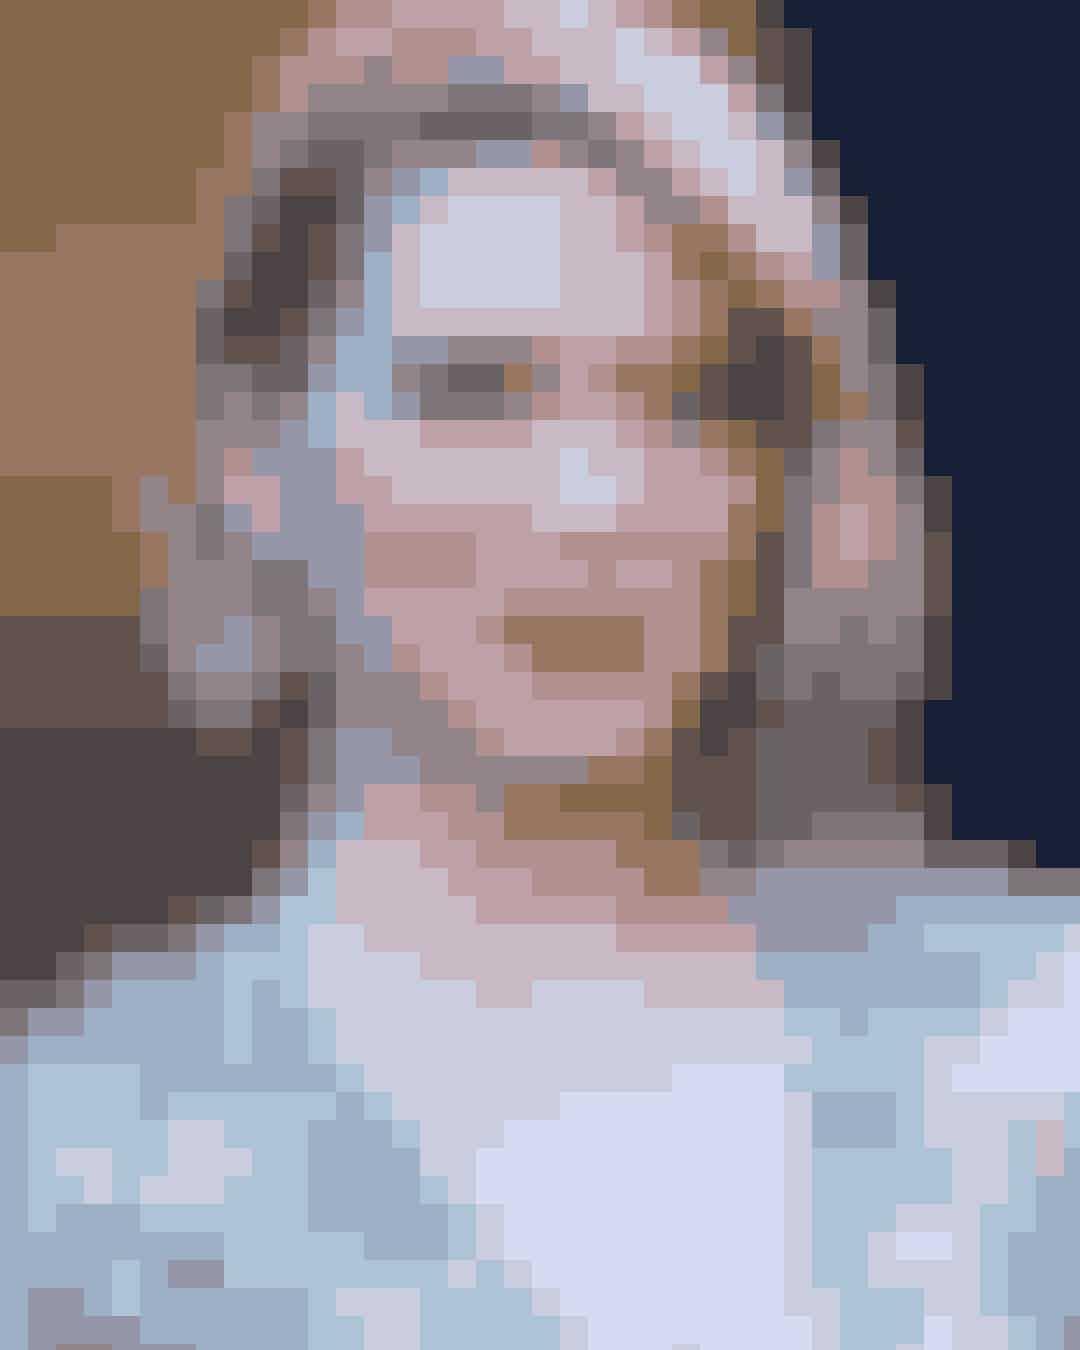 ELLE har mødt den 33-årige pariserinde og skuespiller Léa Seydoux, som er aktuel i Thomas Vinterbergs nye film 'Kursk' til en ærlig snak om det pres, der har ligget på hendes som skuespillerinde - både i form af perfekthedskrav og i forhold til at spille spillet, når man bare ønsker at sige sandheden. Læs hele interviewet på side 40.